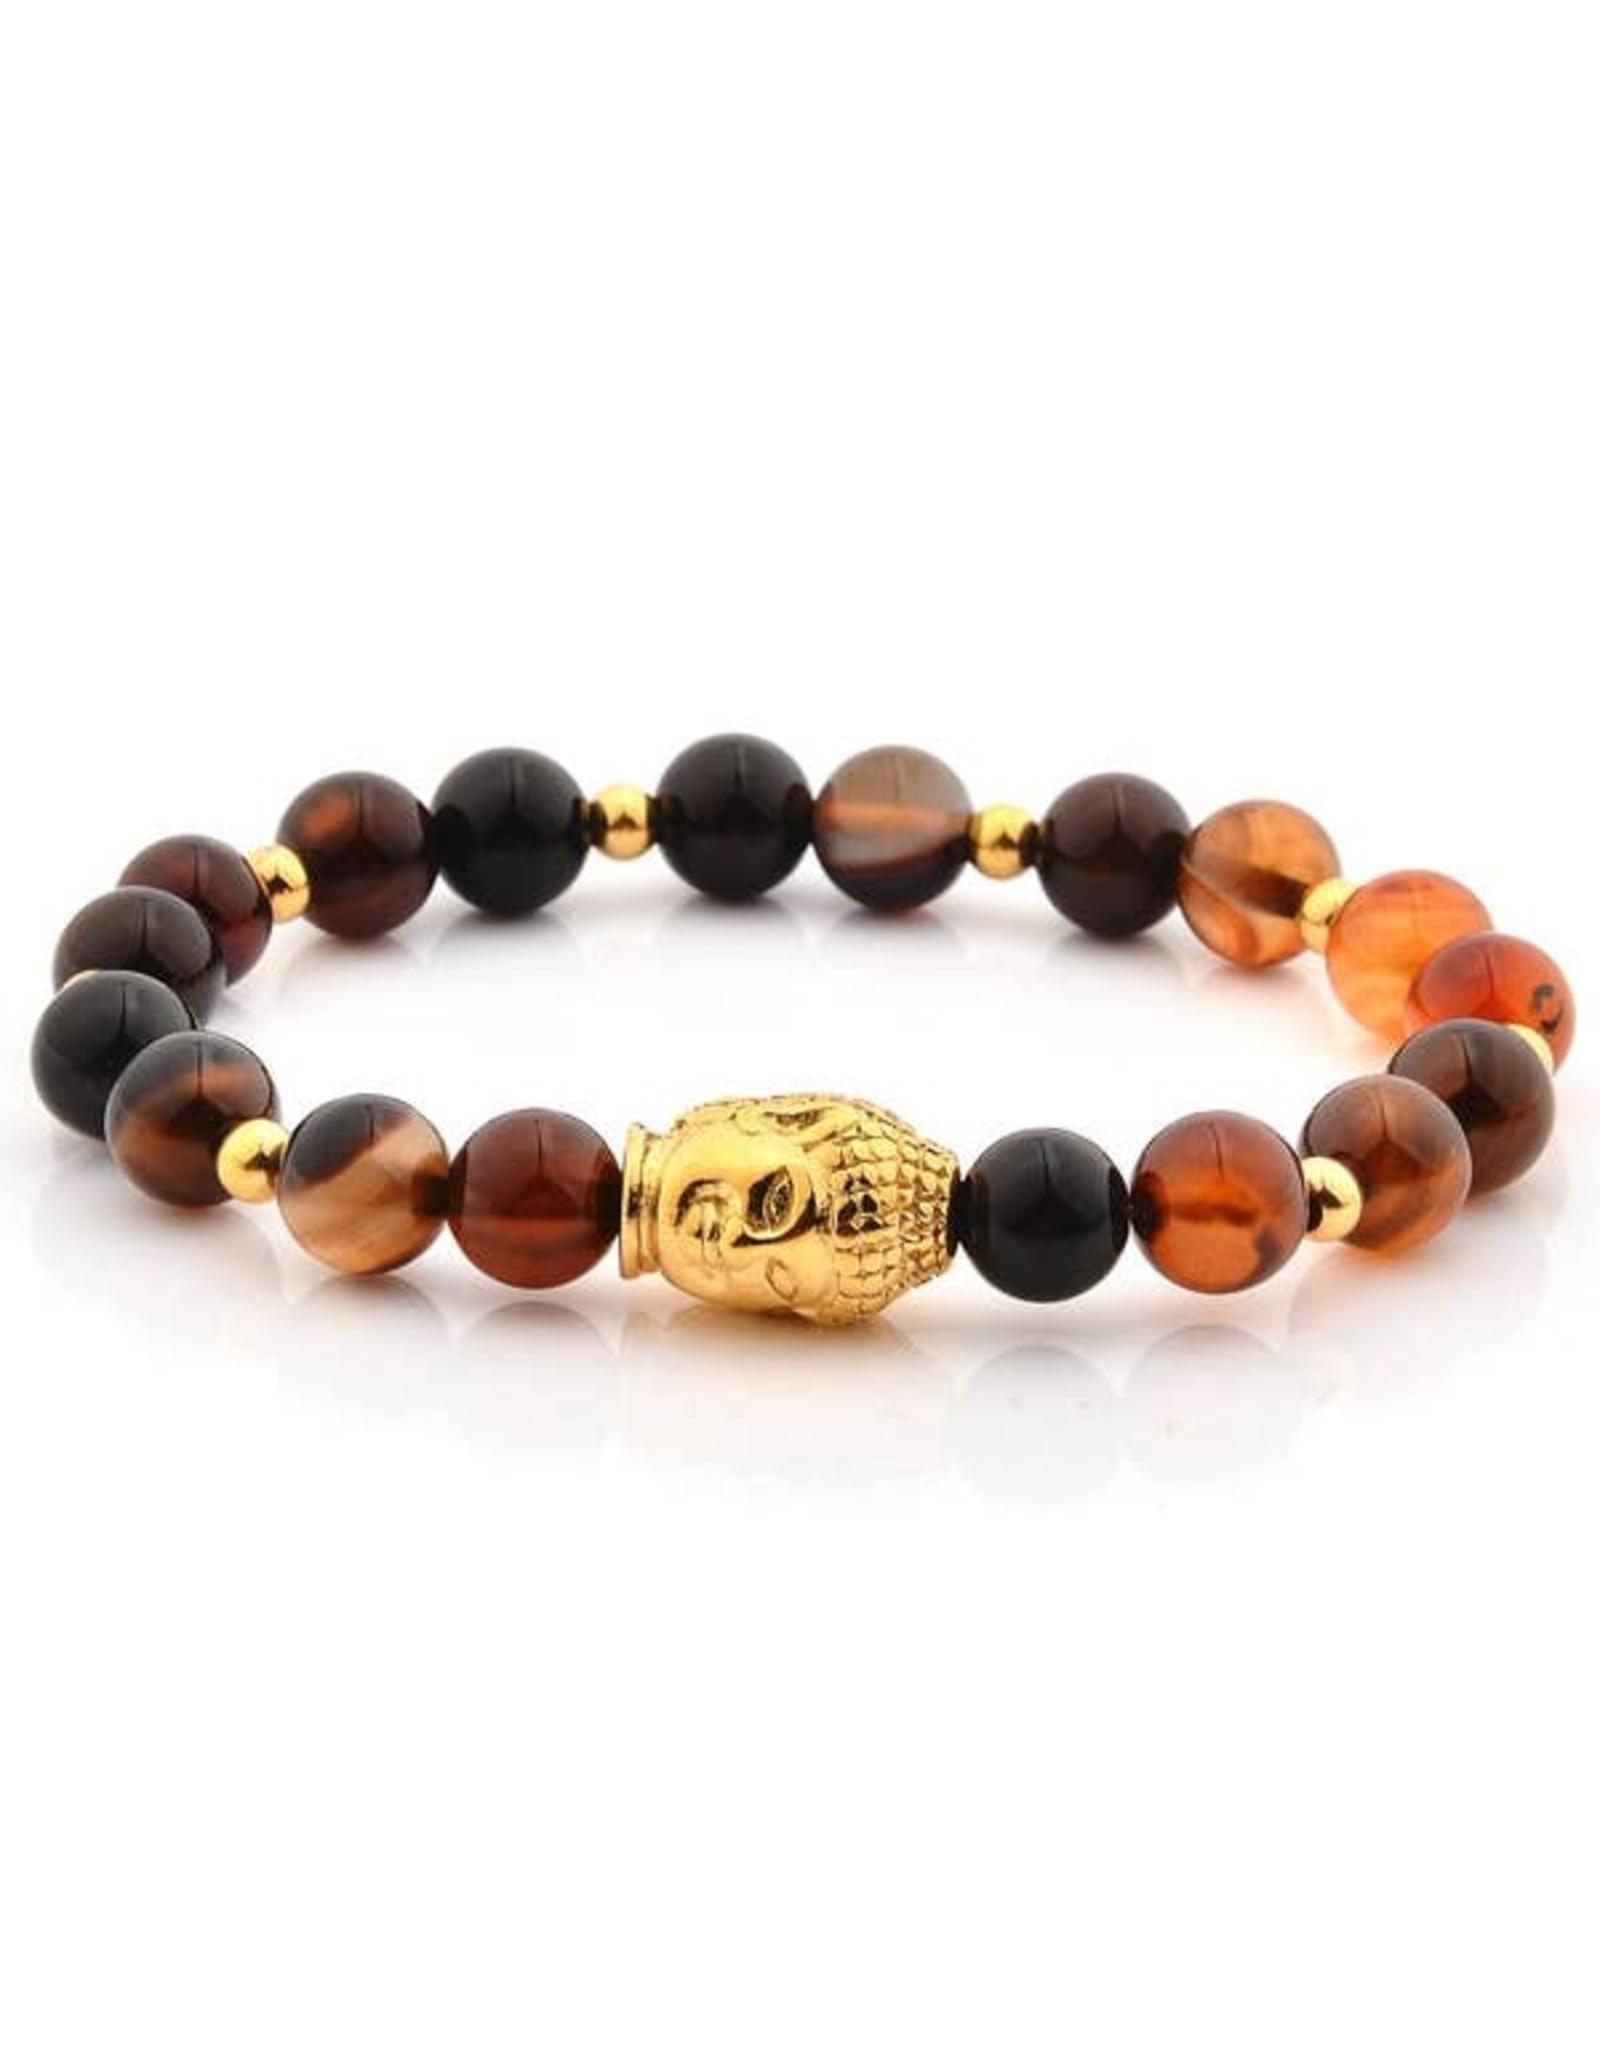 WCJ Agate Buda Bracelet